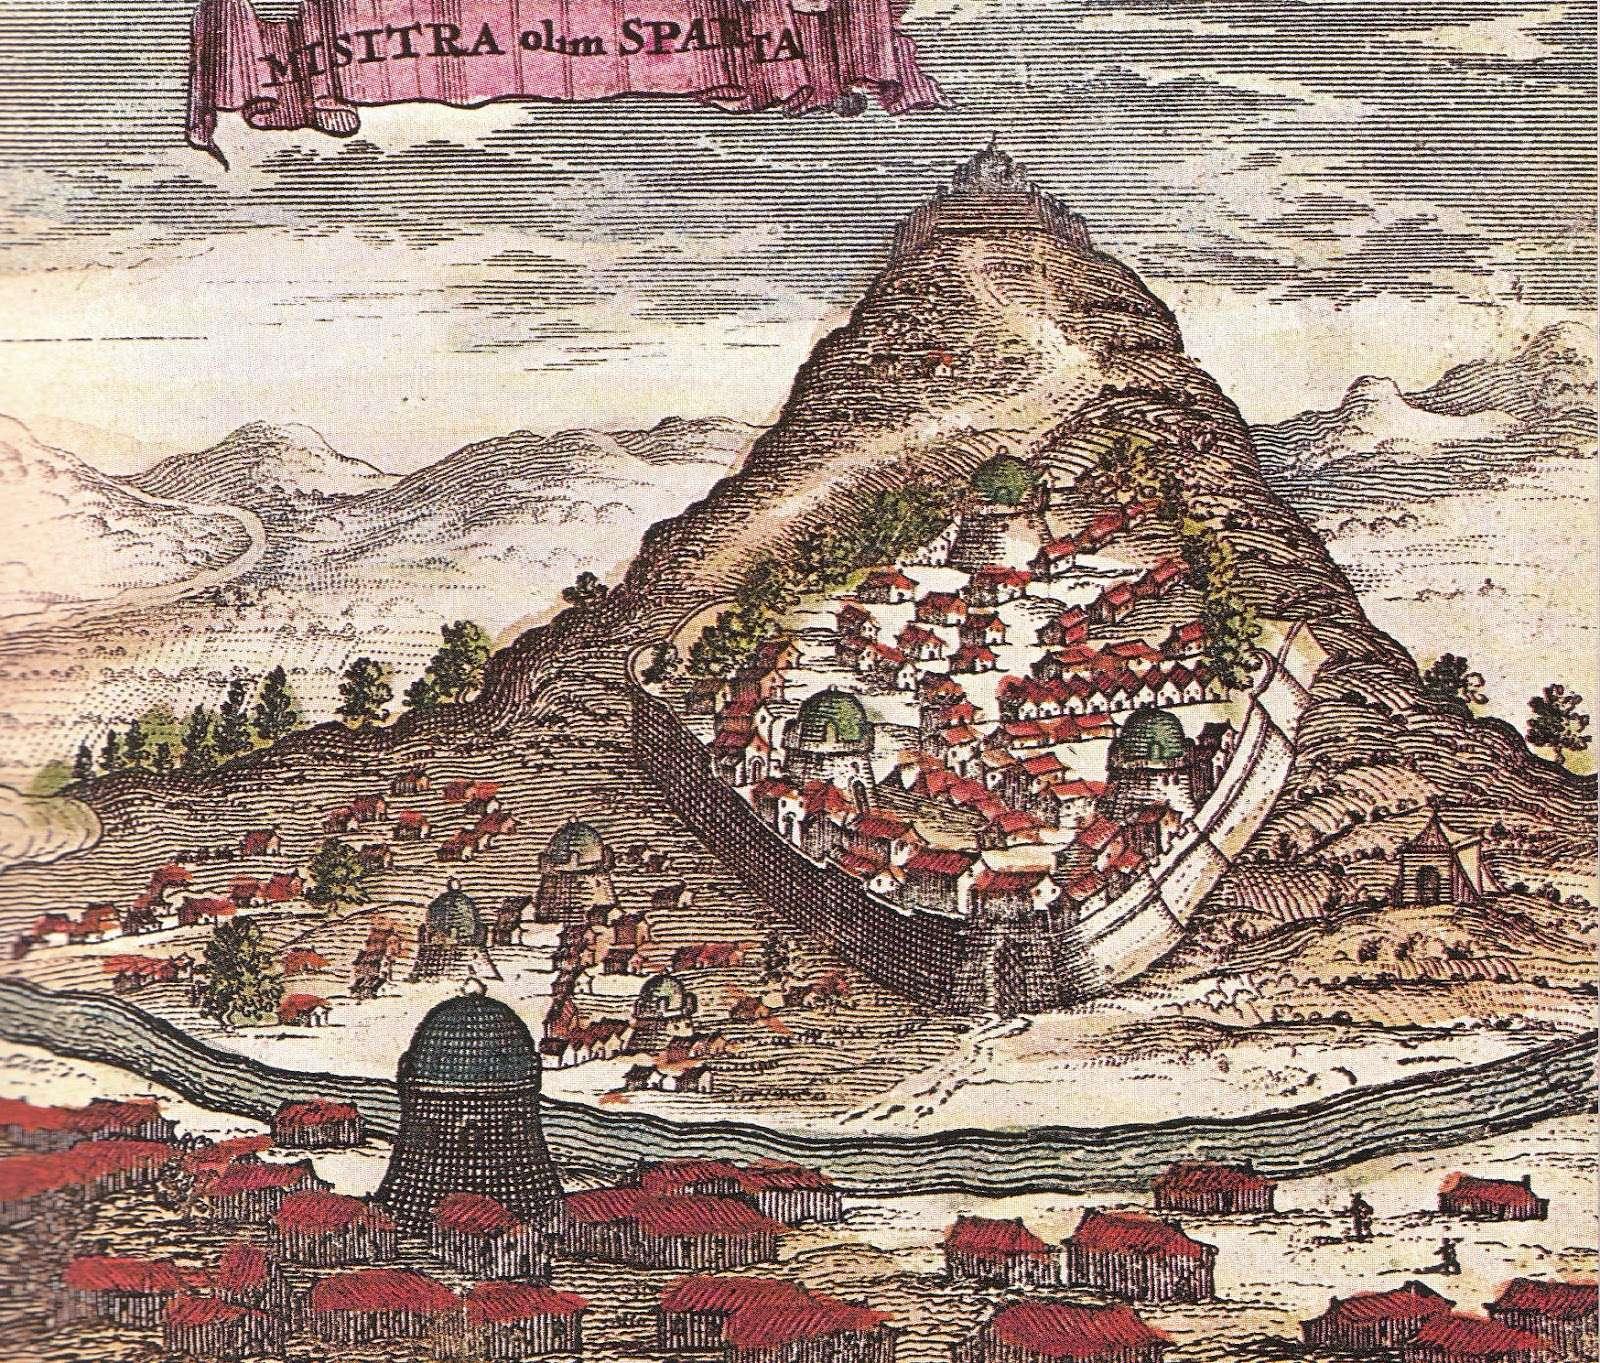 Το κάστρο του Μυστρά σε απεικόνιση εποχής